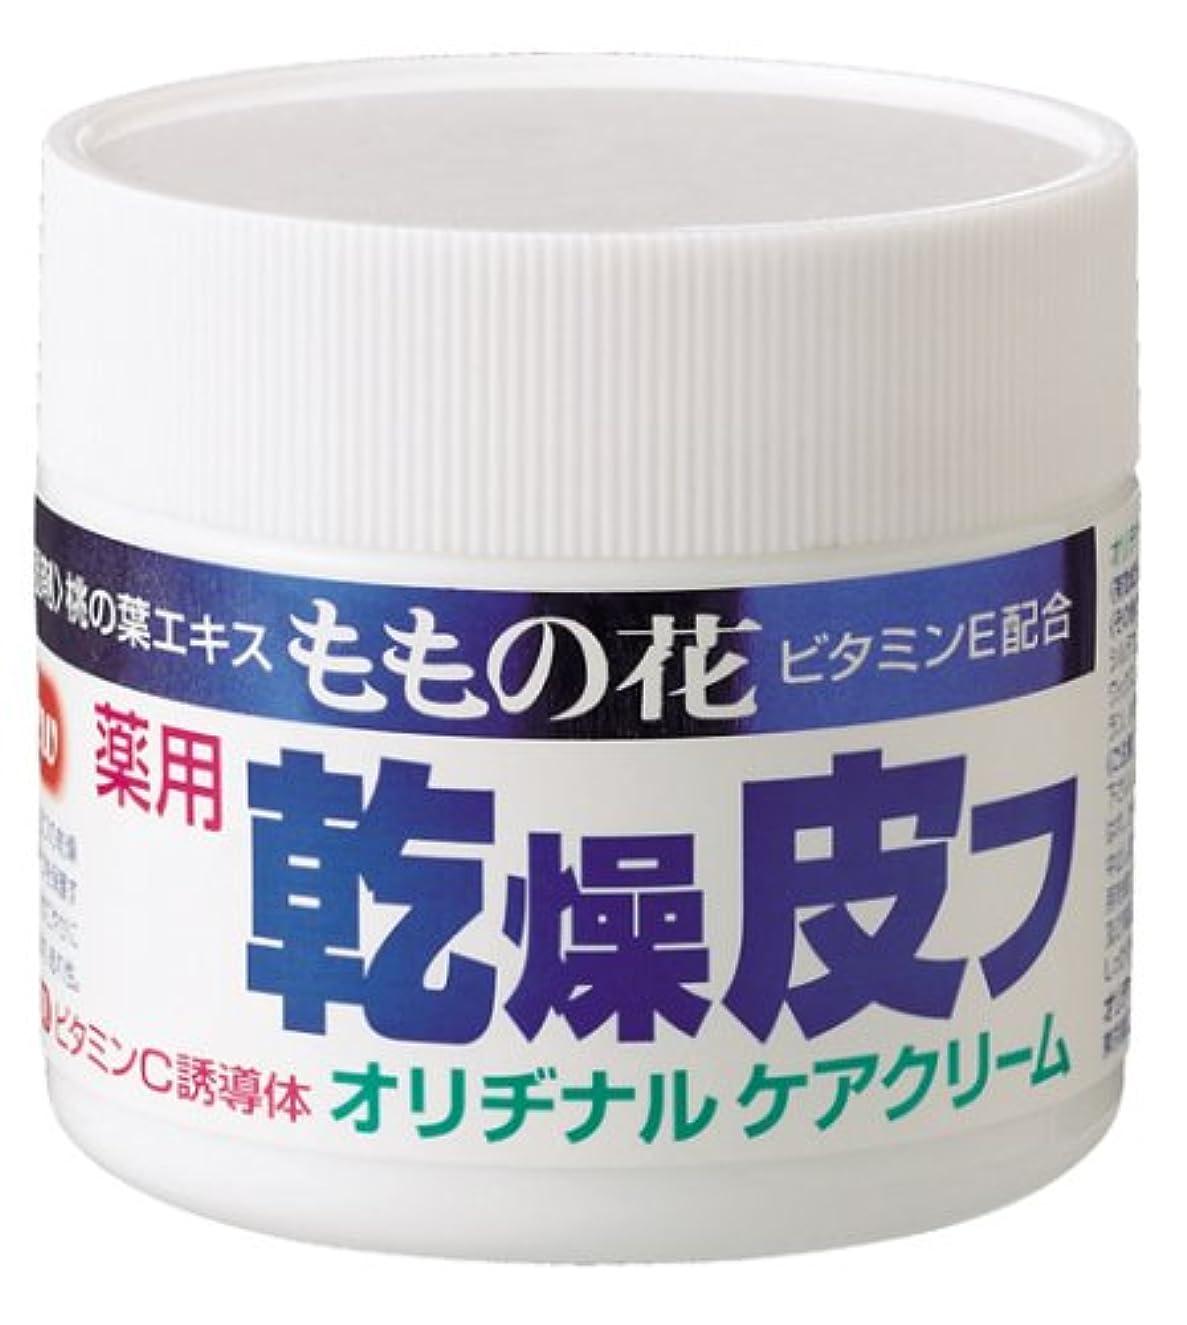 フルーティーテザー伝染性ももの花 薬用乾燥皮フクリームC 70g [医薬部外品]